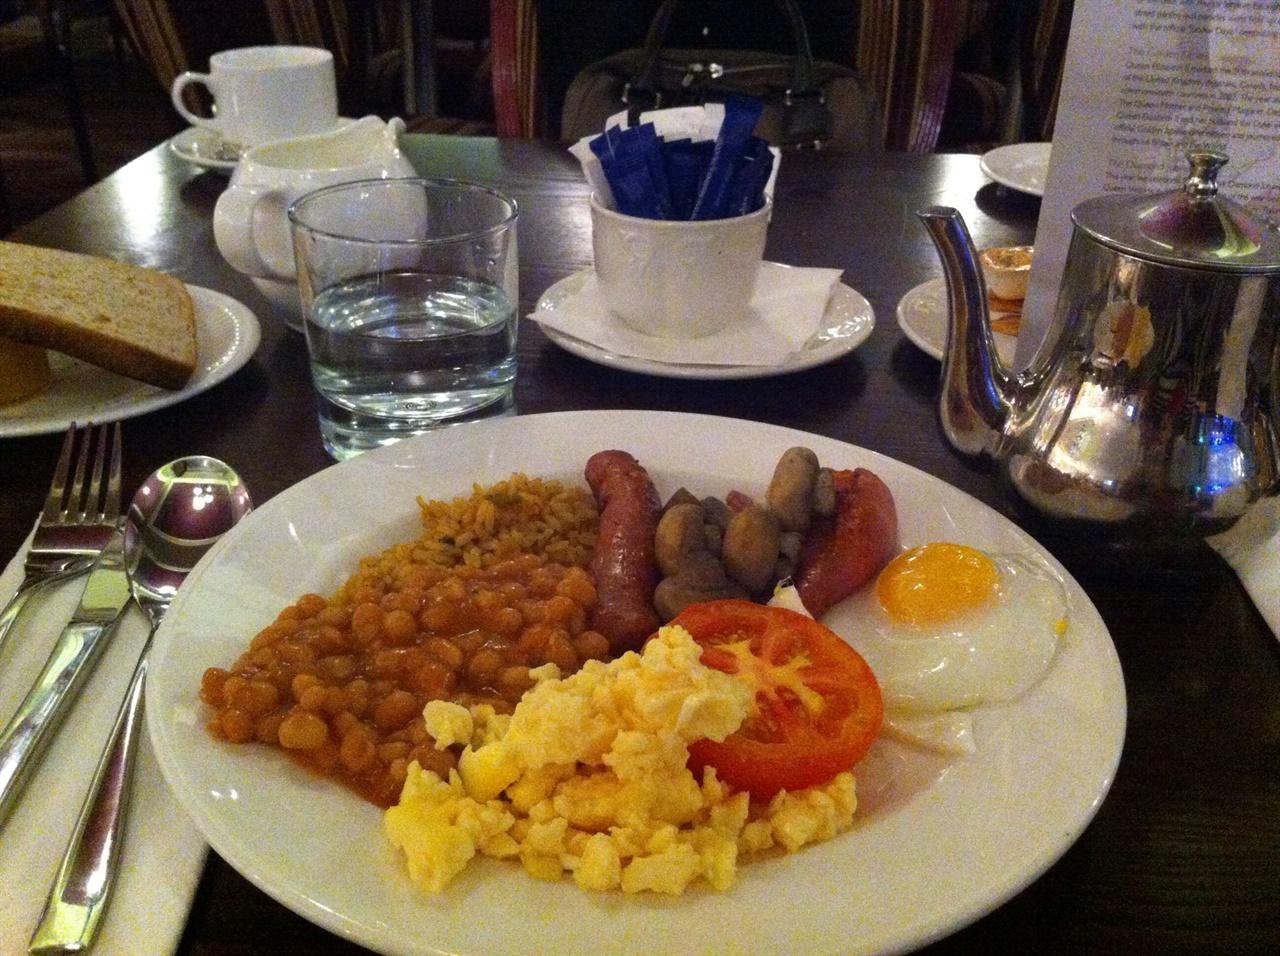 내가 아는 최고의 영국식 아침 회사 일 때문에 영국 중부의 체스터라는 도시에 종종 들렀었습니다. 여왕의 호텔이라는 이름을 가진 고풍스러운 건물에서 챙겨먹던 아침 식사인데, 가장 전형적인 영국식 아침이네요.